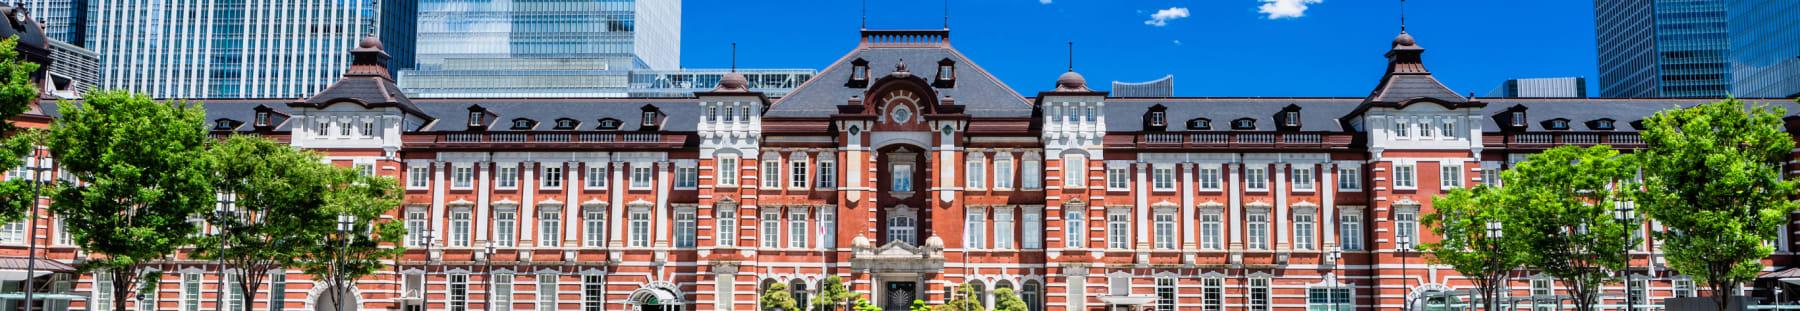 大塚駅前駅のレンタルスペース・貸し会議室